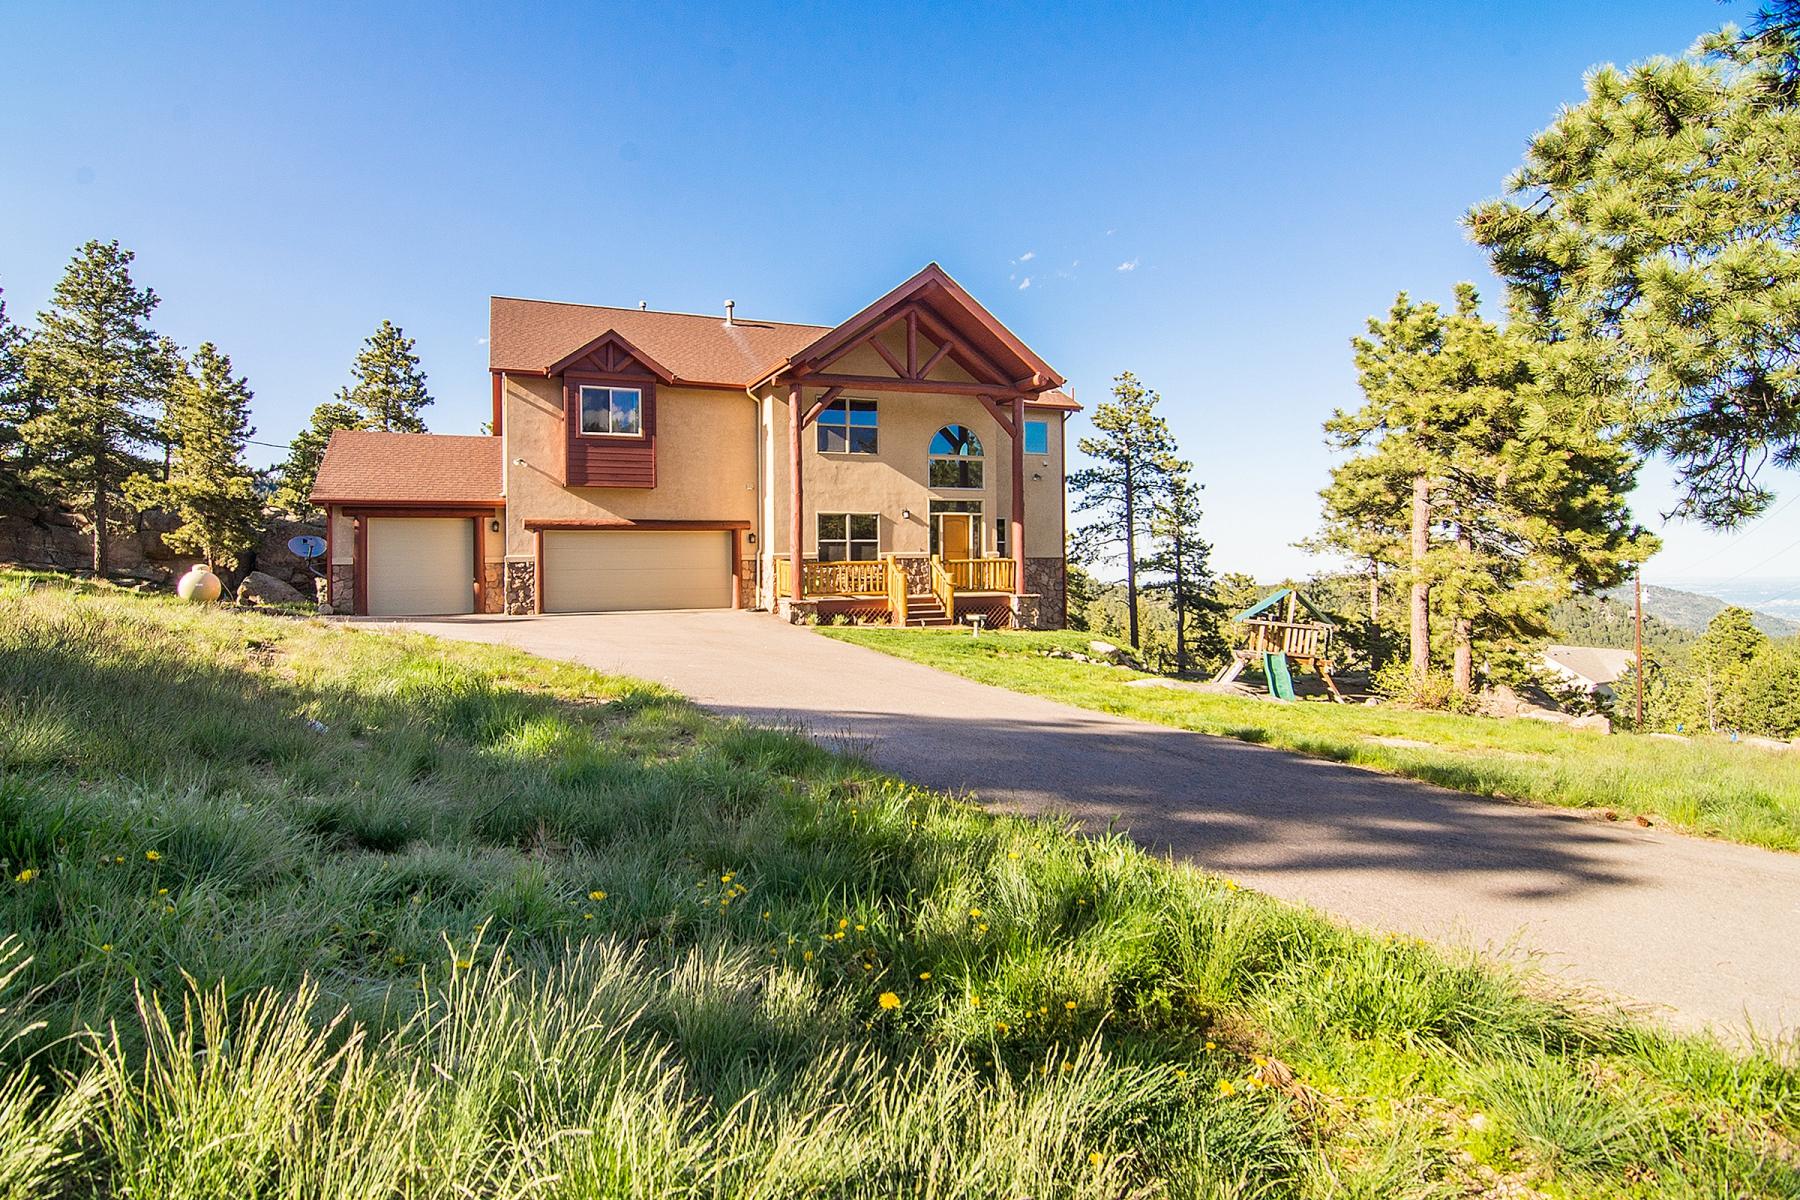 Maison unifamiliale pour l Vente à Exquisite Custom Home 5891 Northwood Drive Evergreen, Colorado 80439 États-Unis